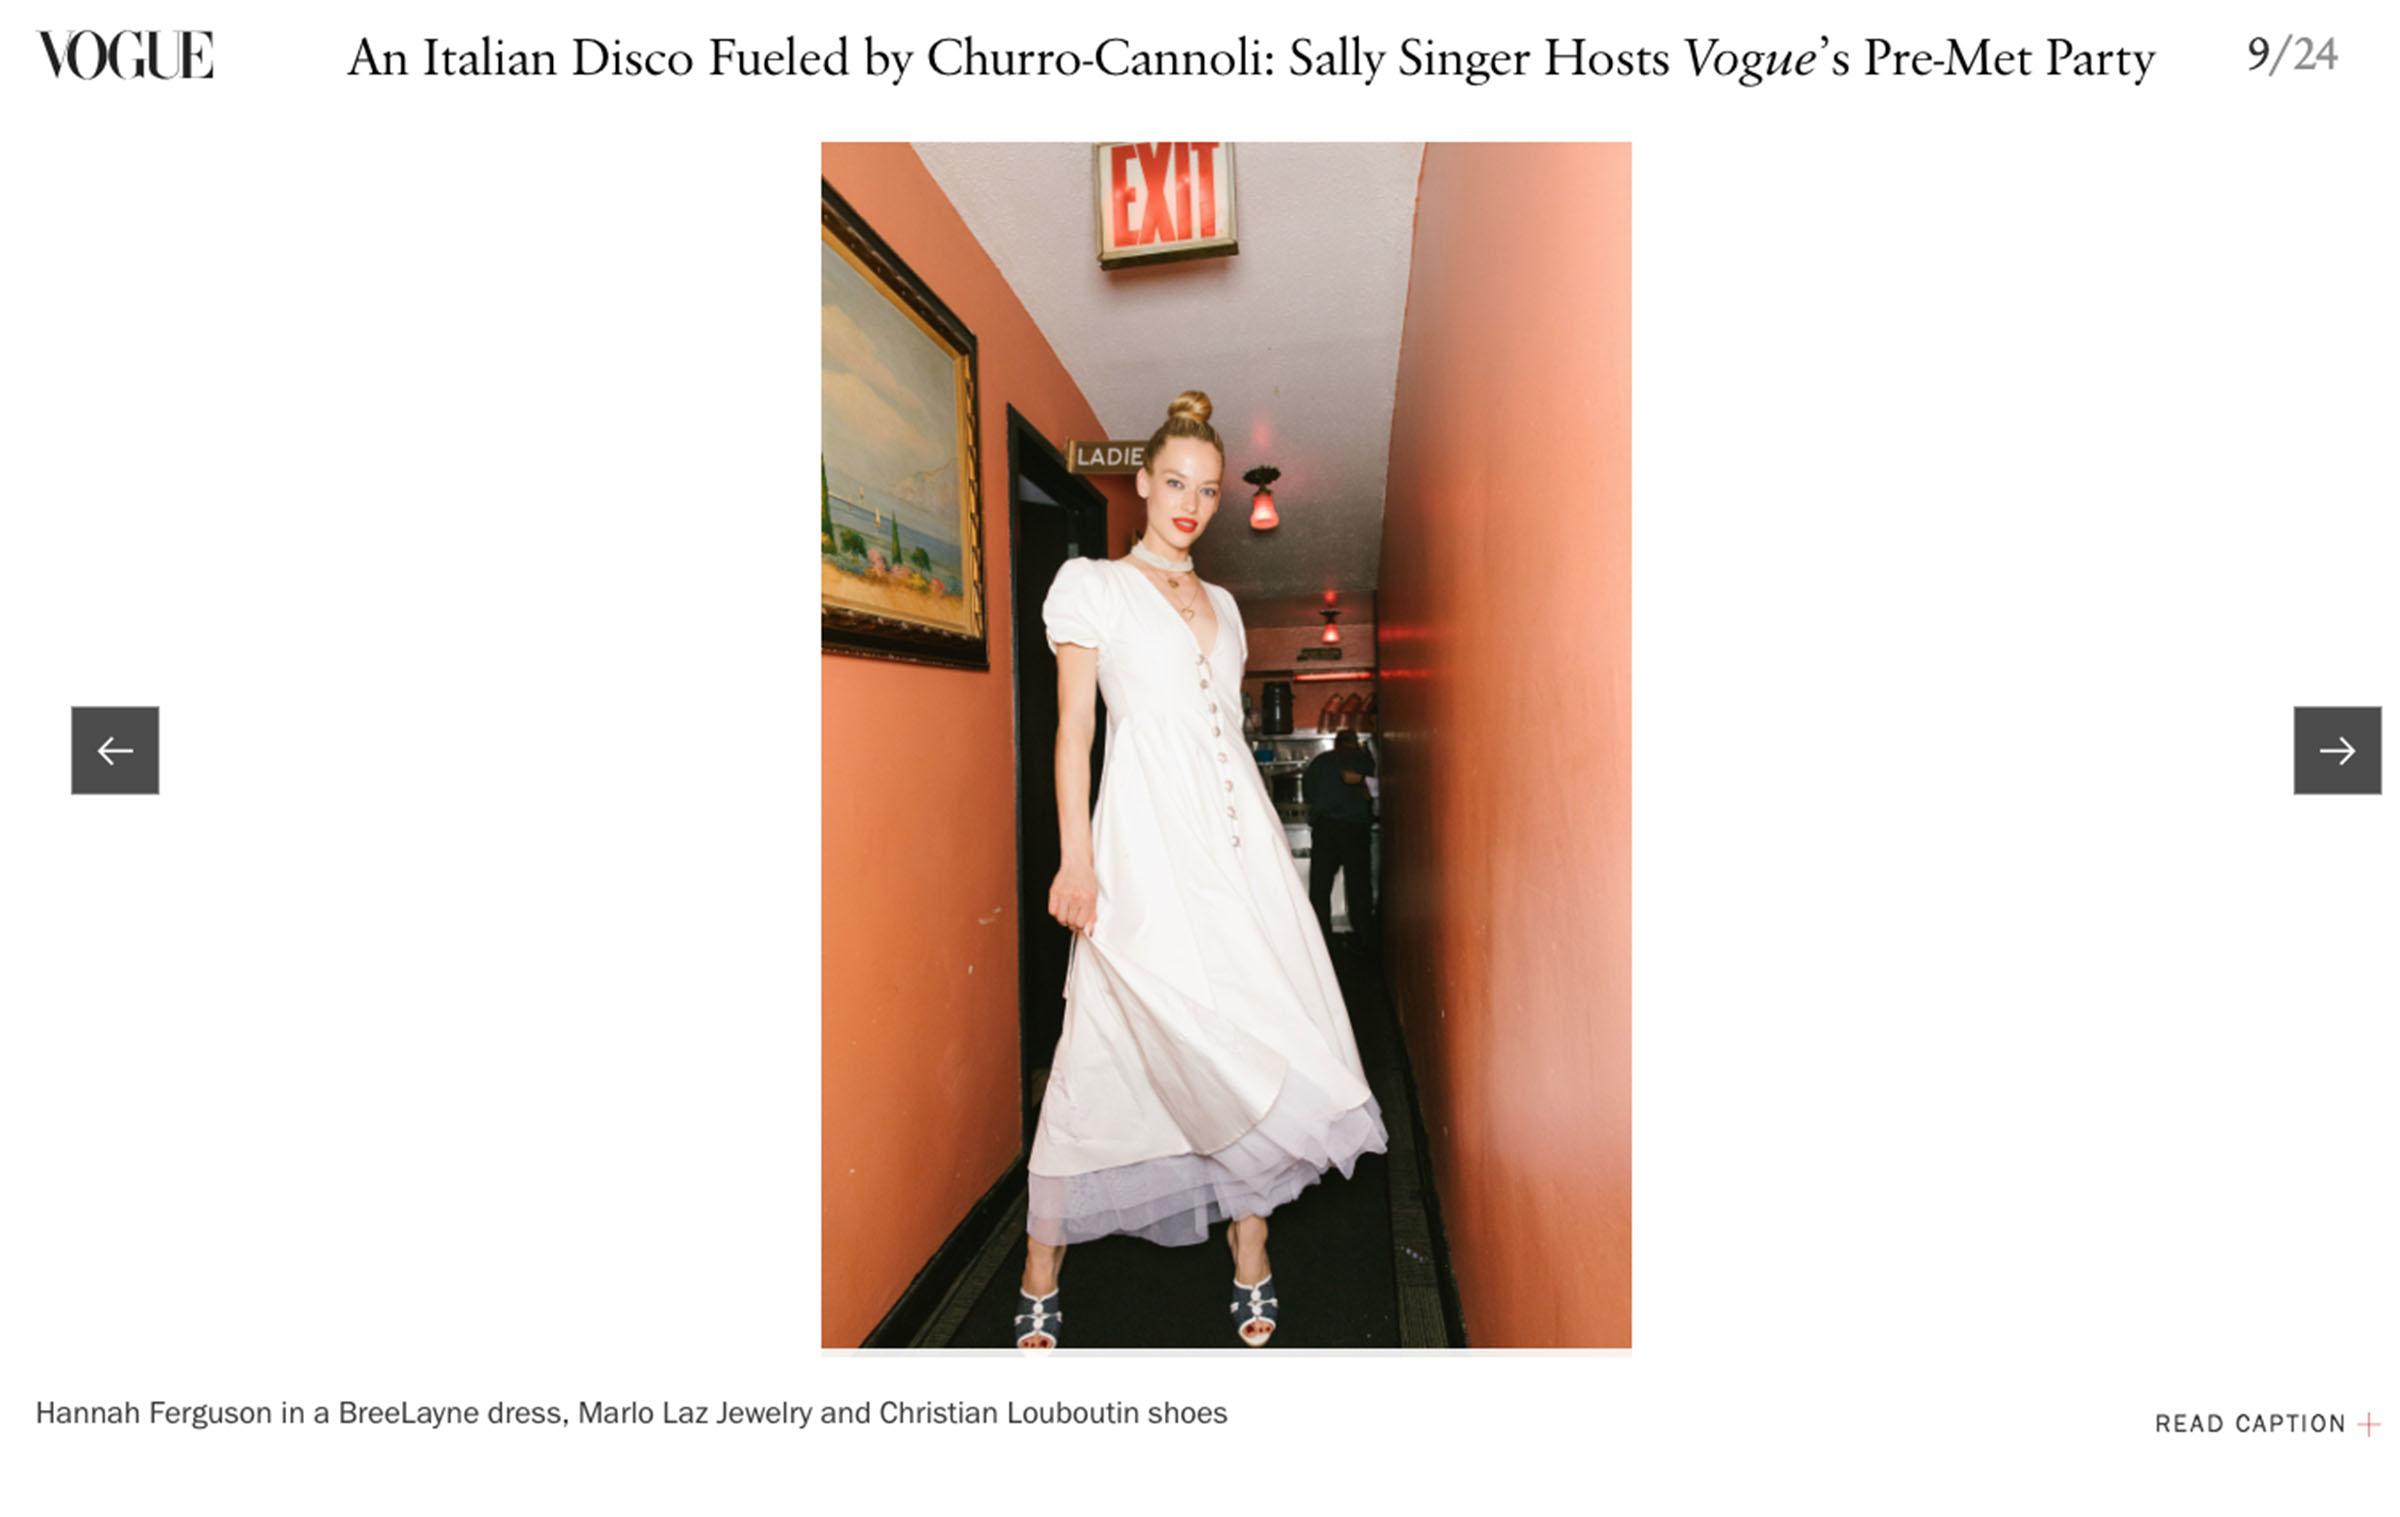 5.6.18 Vogue.com ML 1.jpg